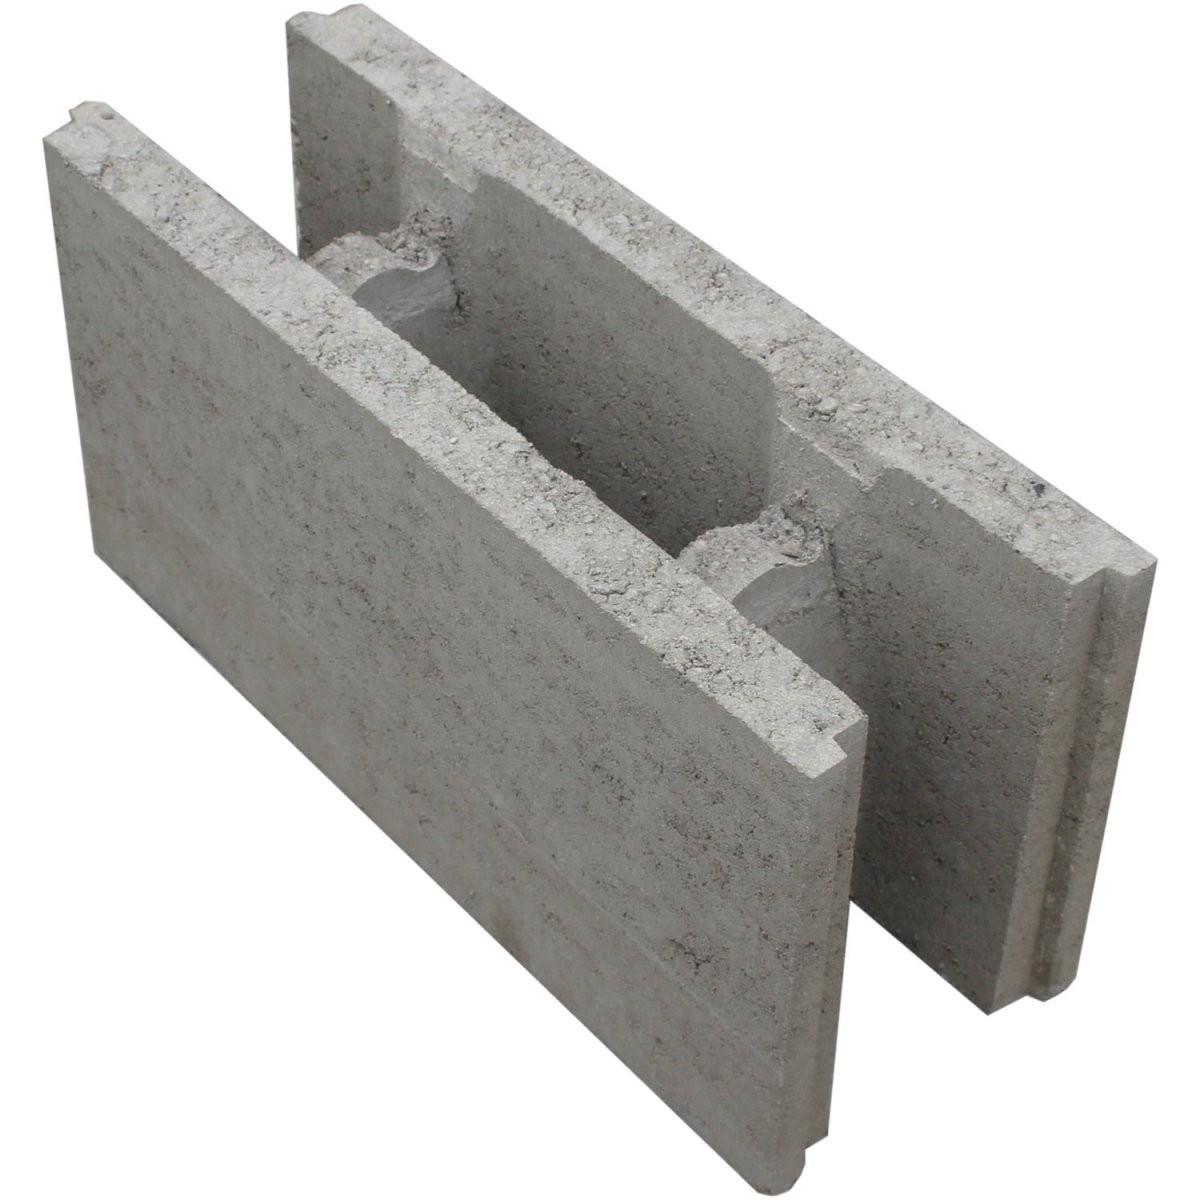 Schalungsstein Grau 50 Cm X 25 Cm X 175 Cm Kaufen Bei Obi von Beton U Steine Obi Photo